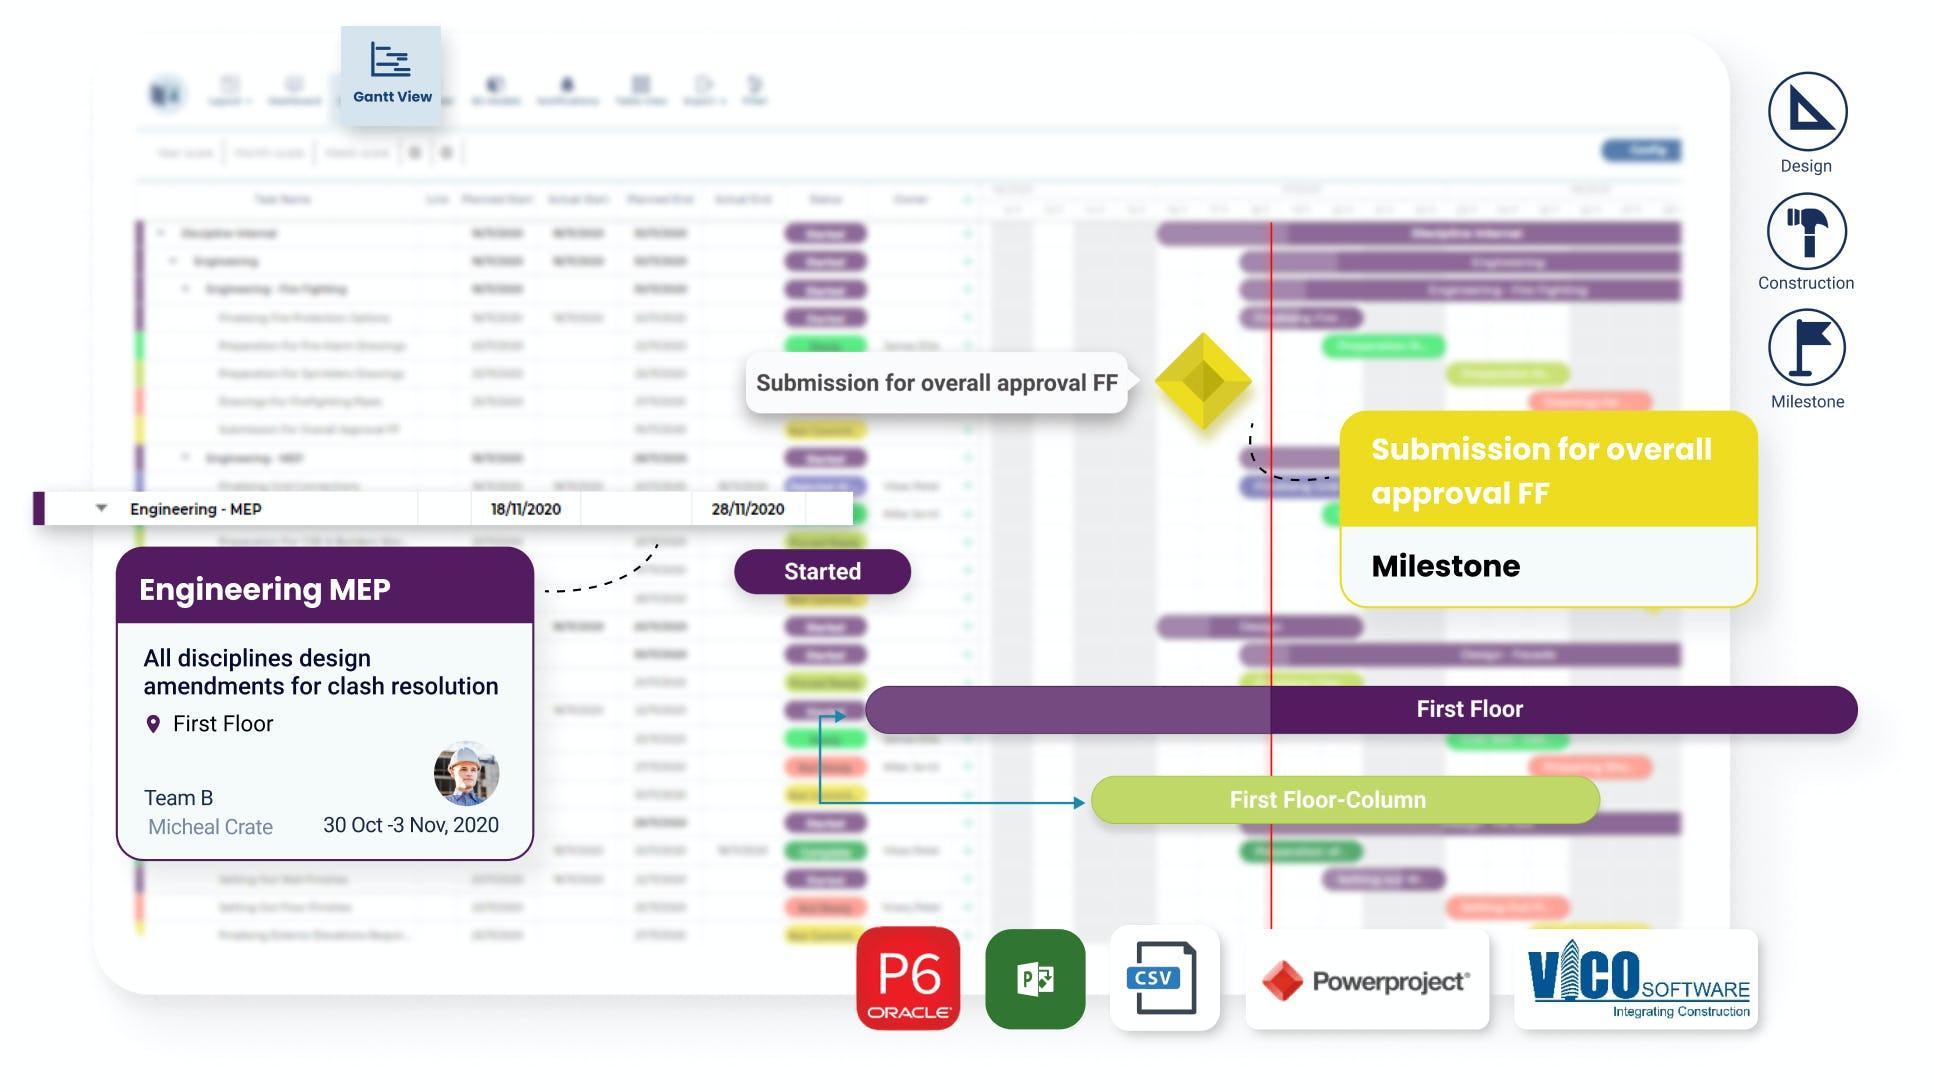 VisiLean Software - 2